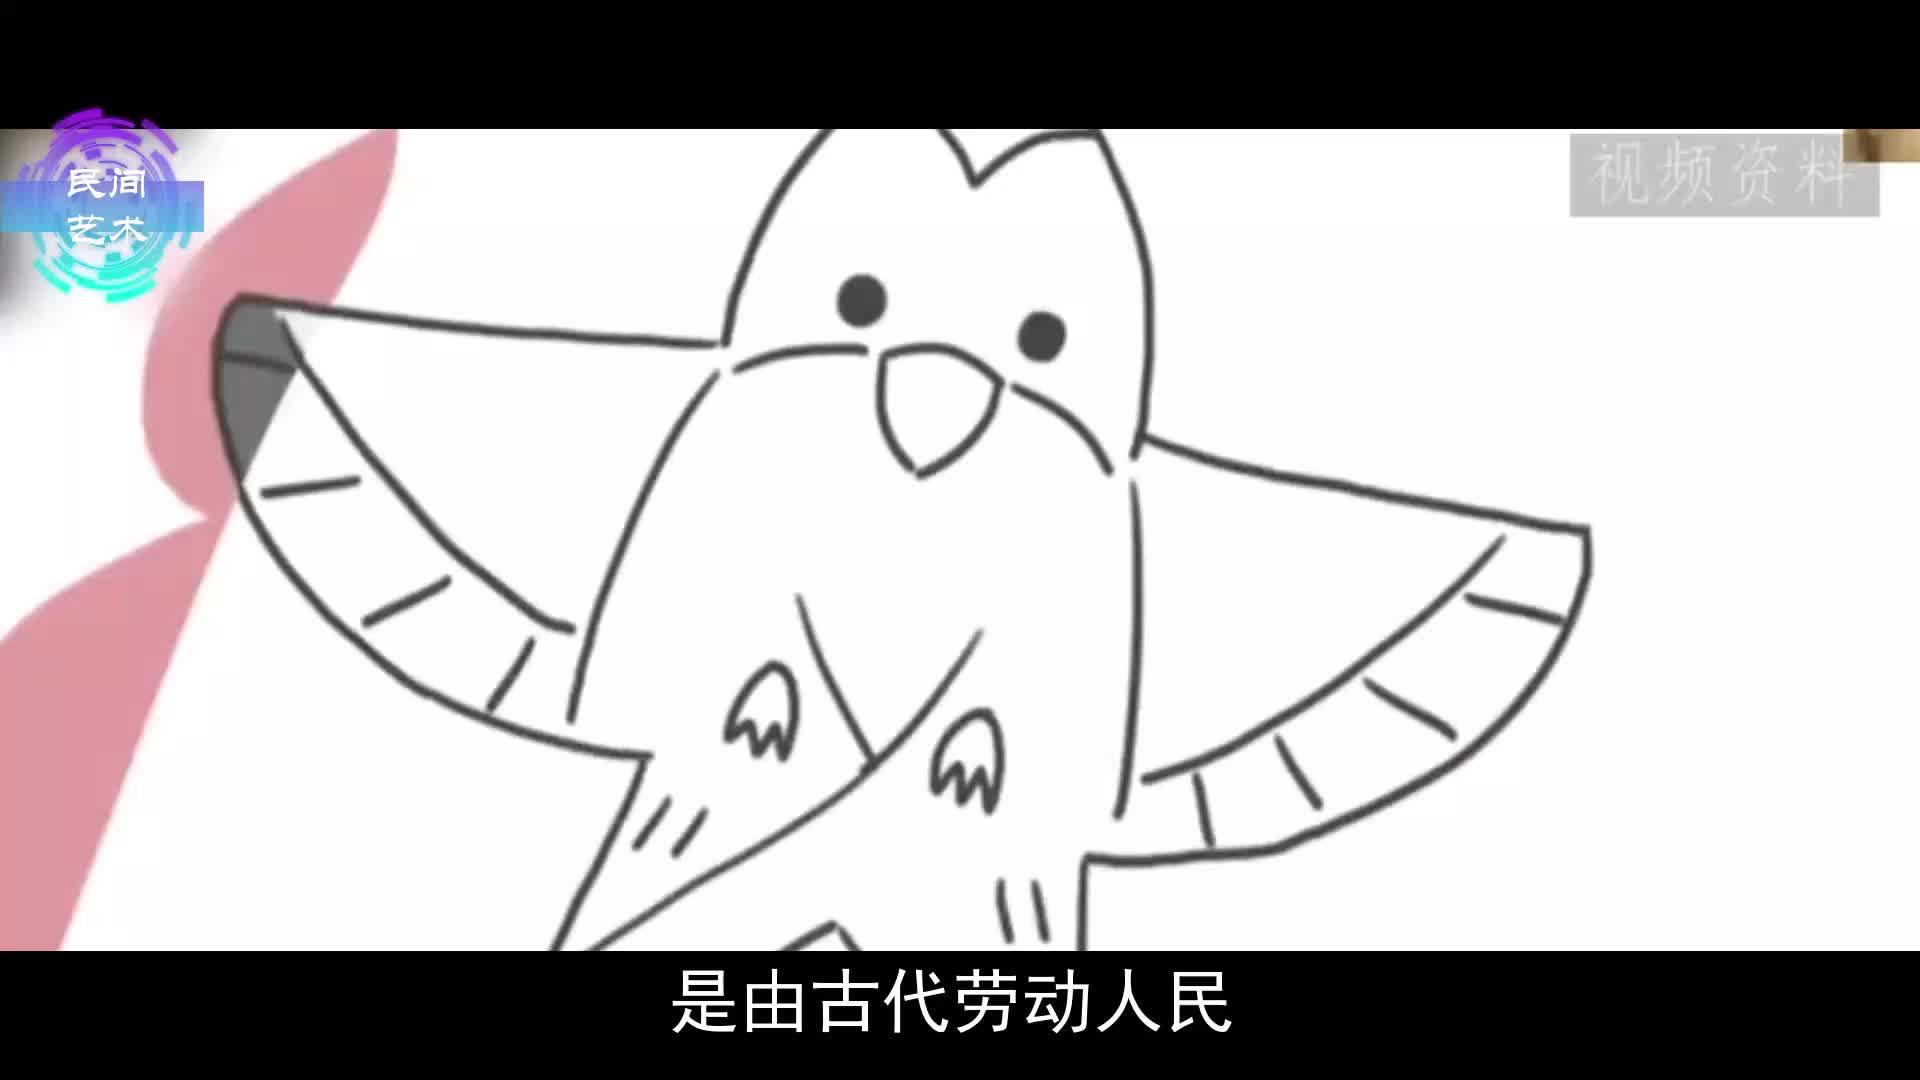 中国民间艺术-风筝-艺术欣赏—中国民间艺术